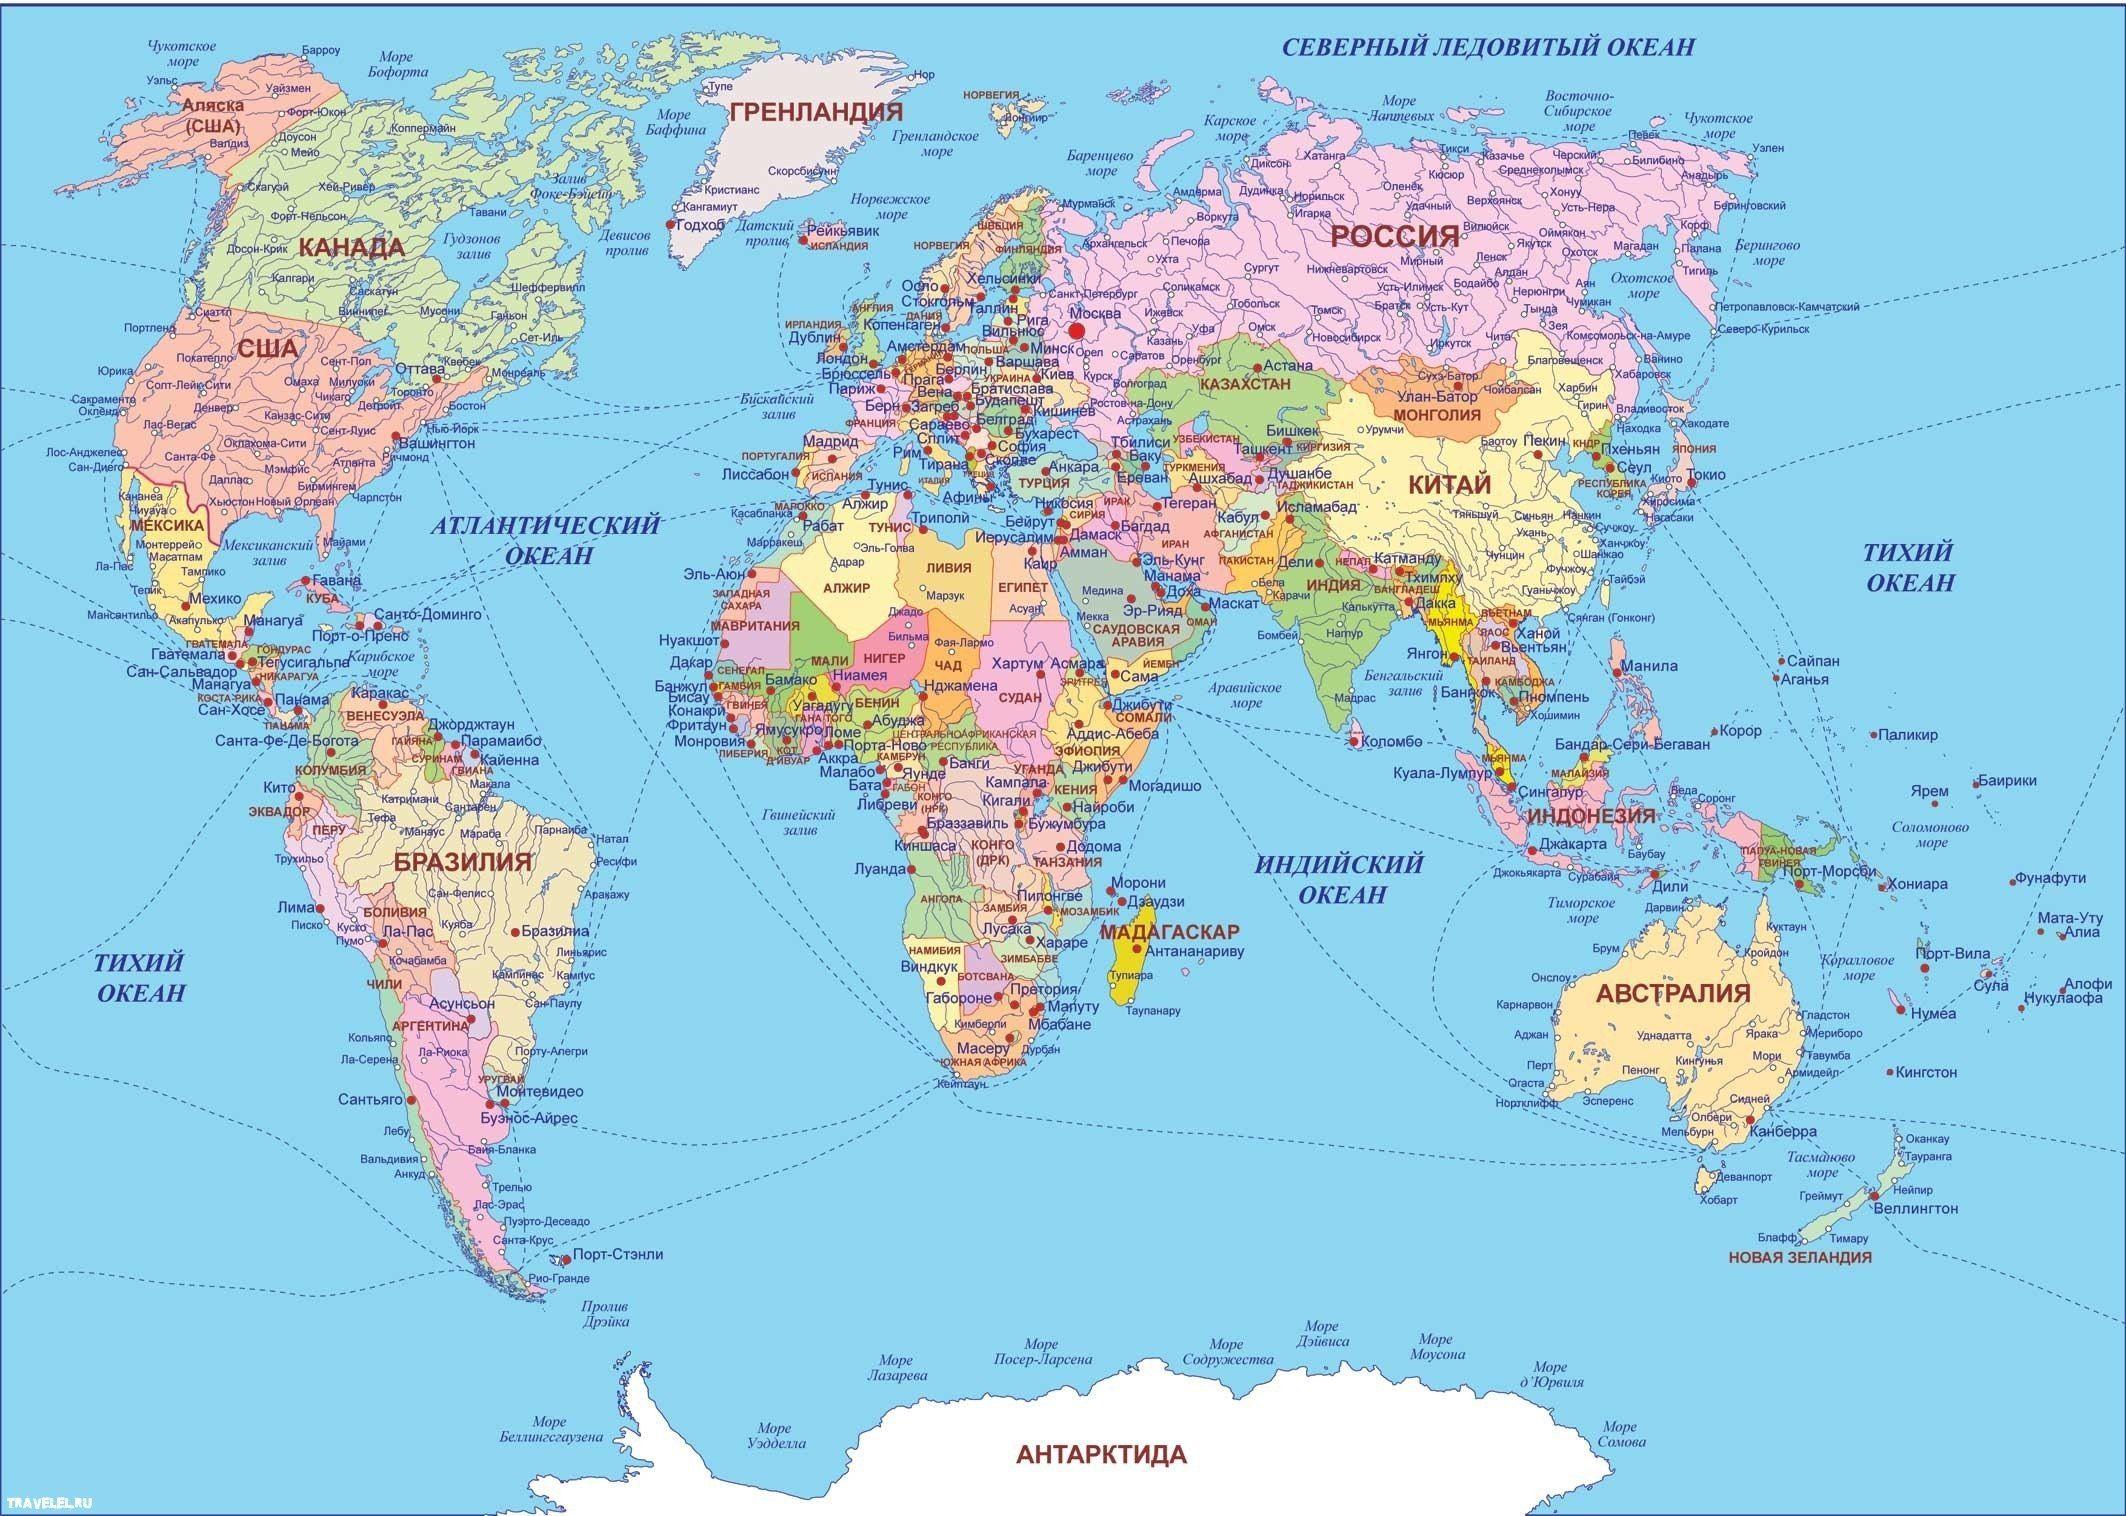 Materiki Kontinenty I Chasti Sveta Na Karte Mira S Izobrazheniyami